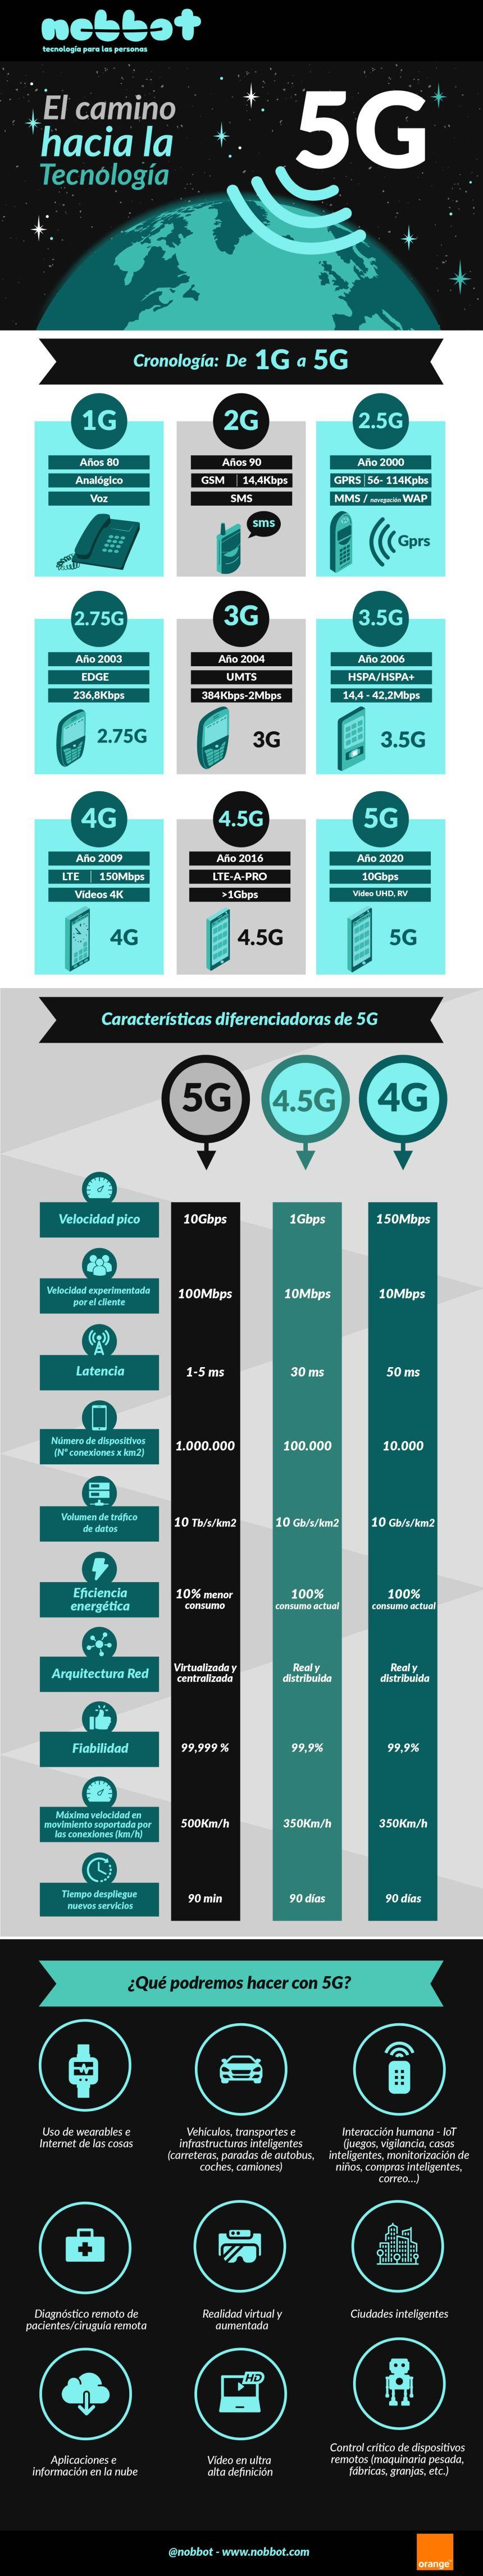 El camino hacia la tecnología 5G